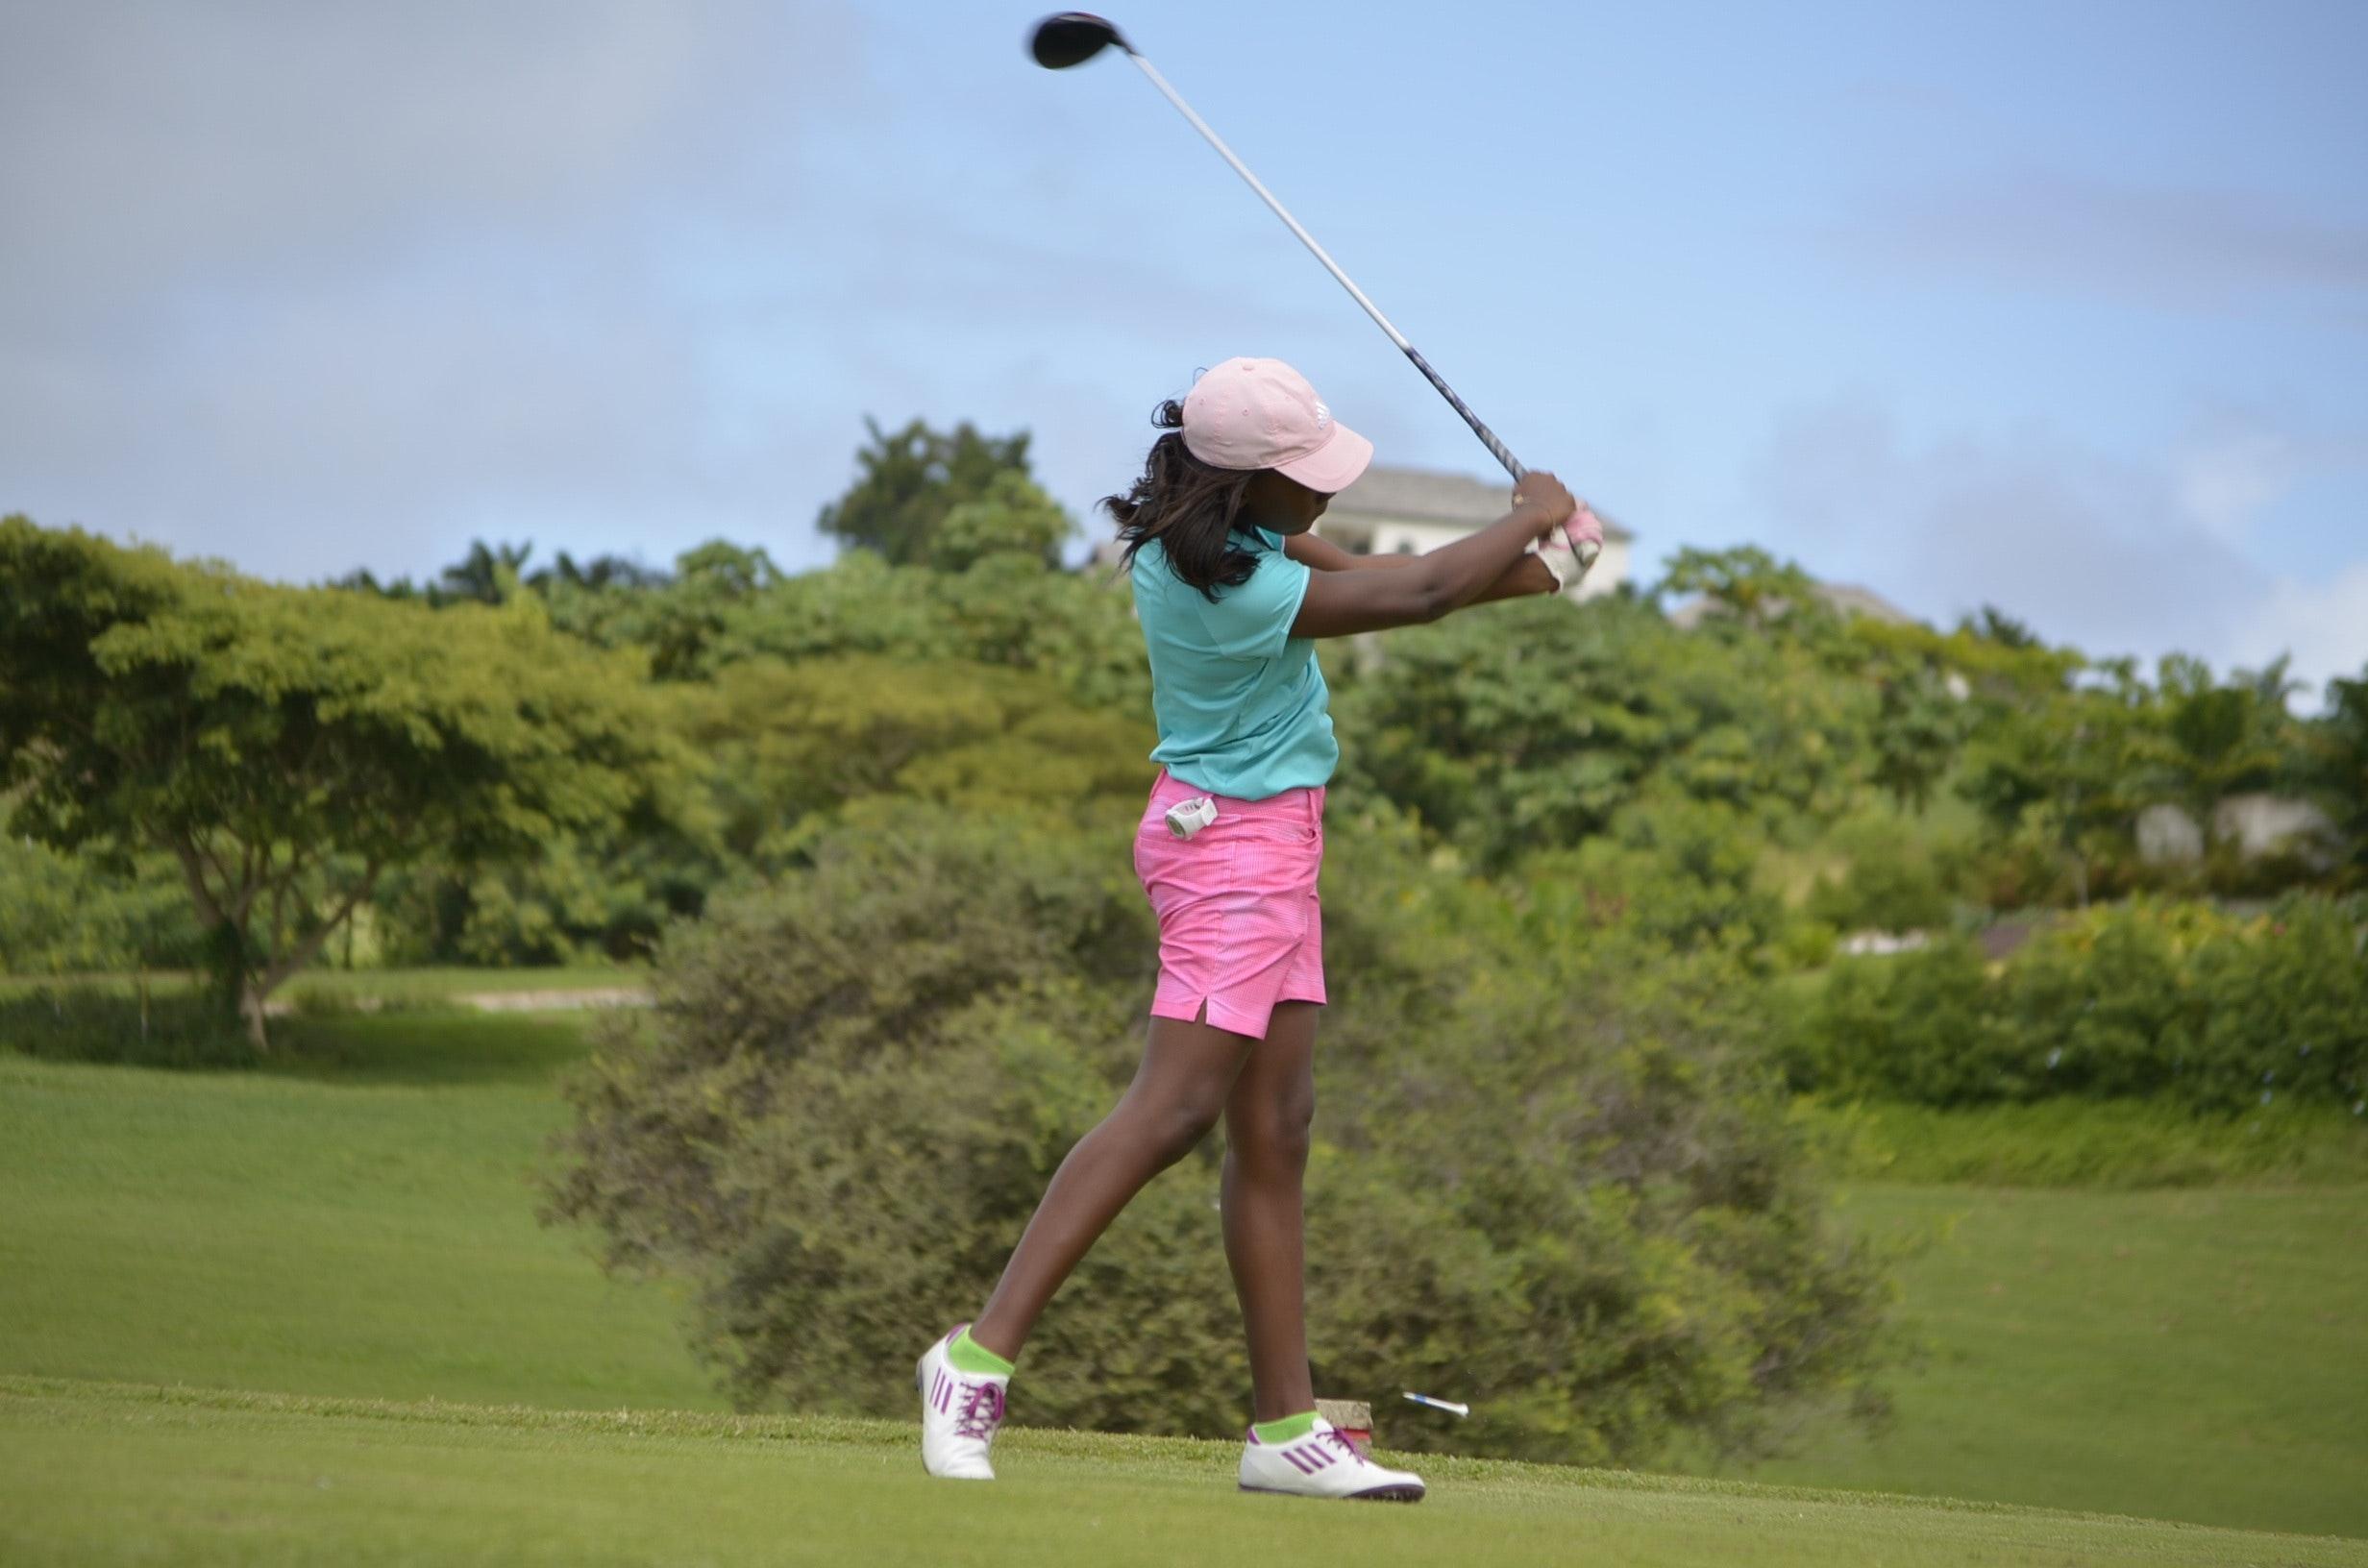 game-golf-golf-club-163321.jpg